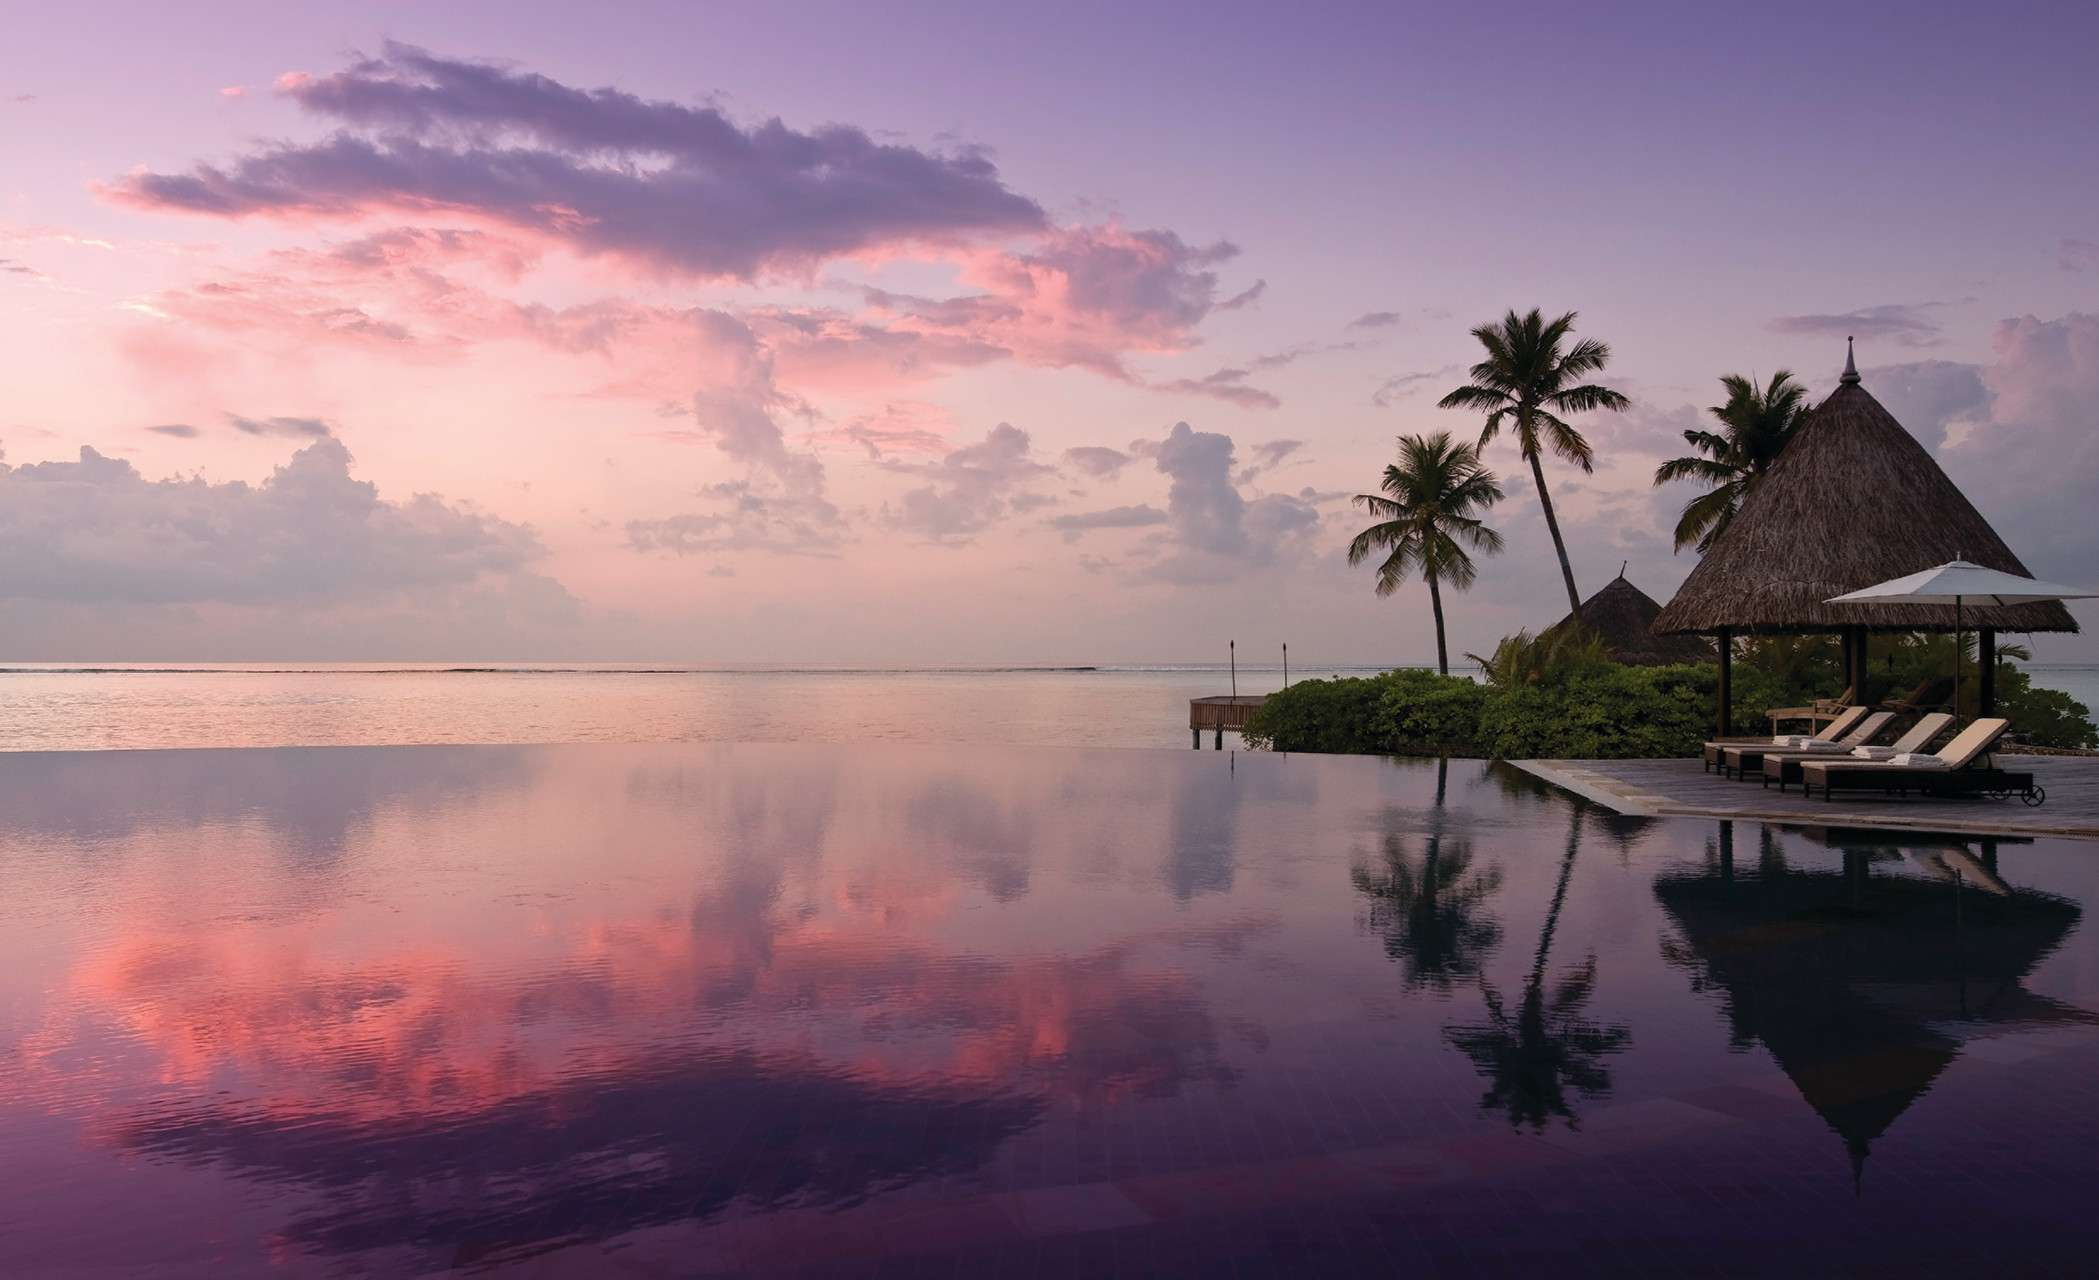 <p>A view of the pool at Four Seasons Resort Maldives at Kuda Huraa</p>